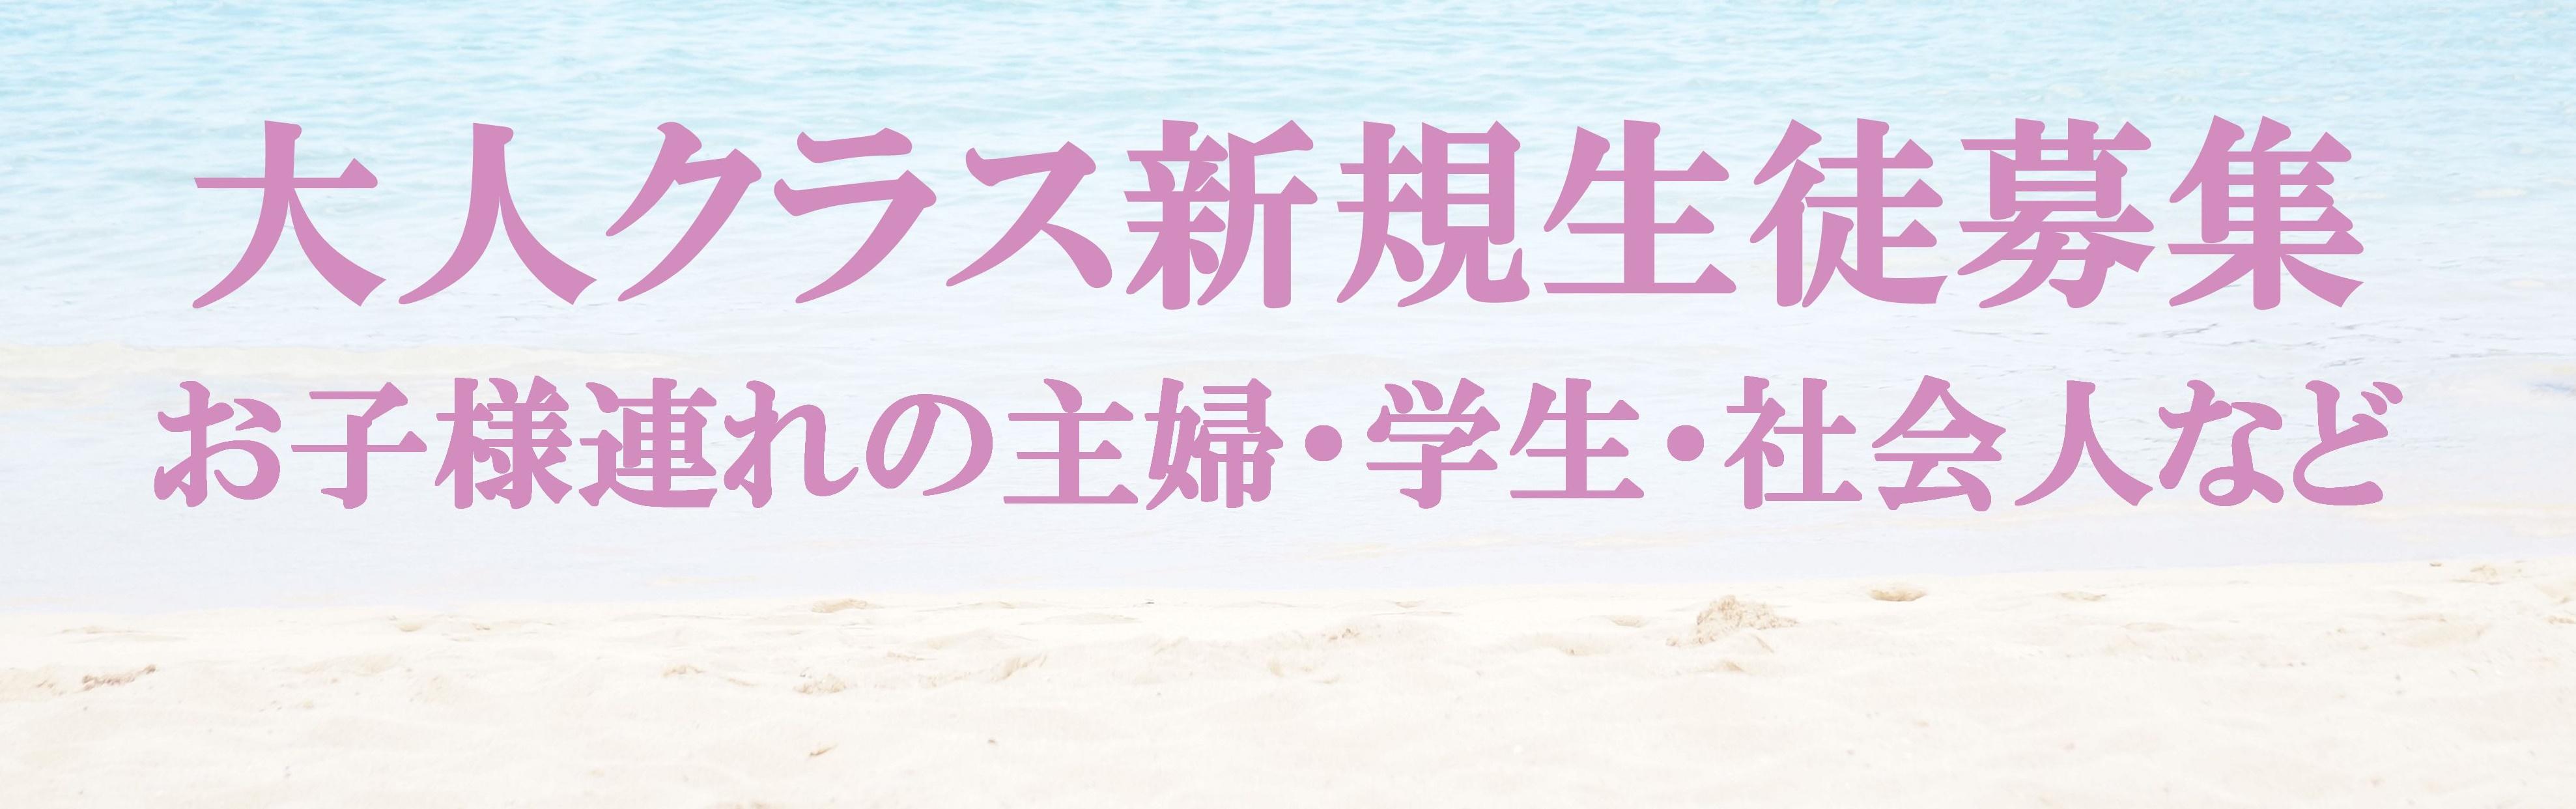 フラダンス 神奈川 湘南 鎌倉 藤沢 大船 七里ヶ浜 江ノ島 新規募集画像